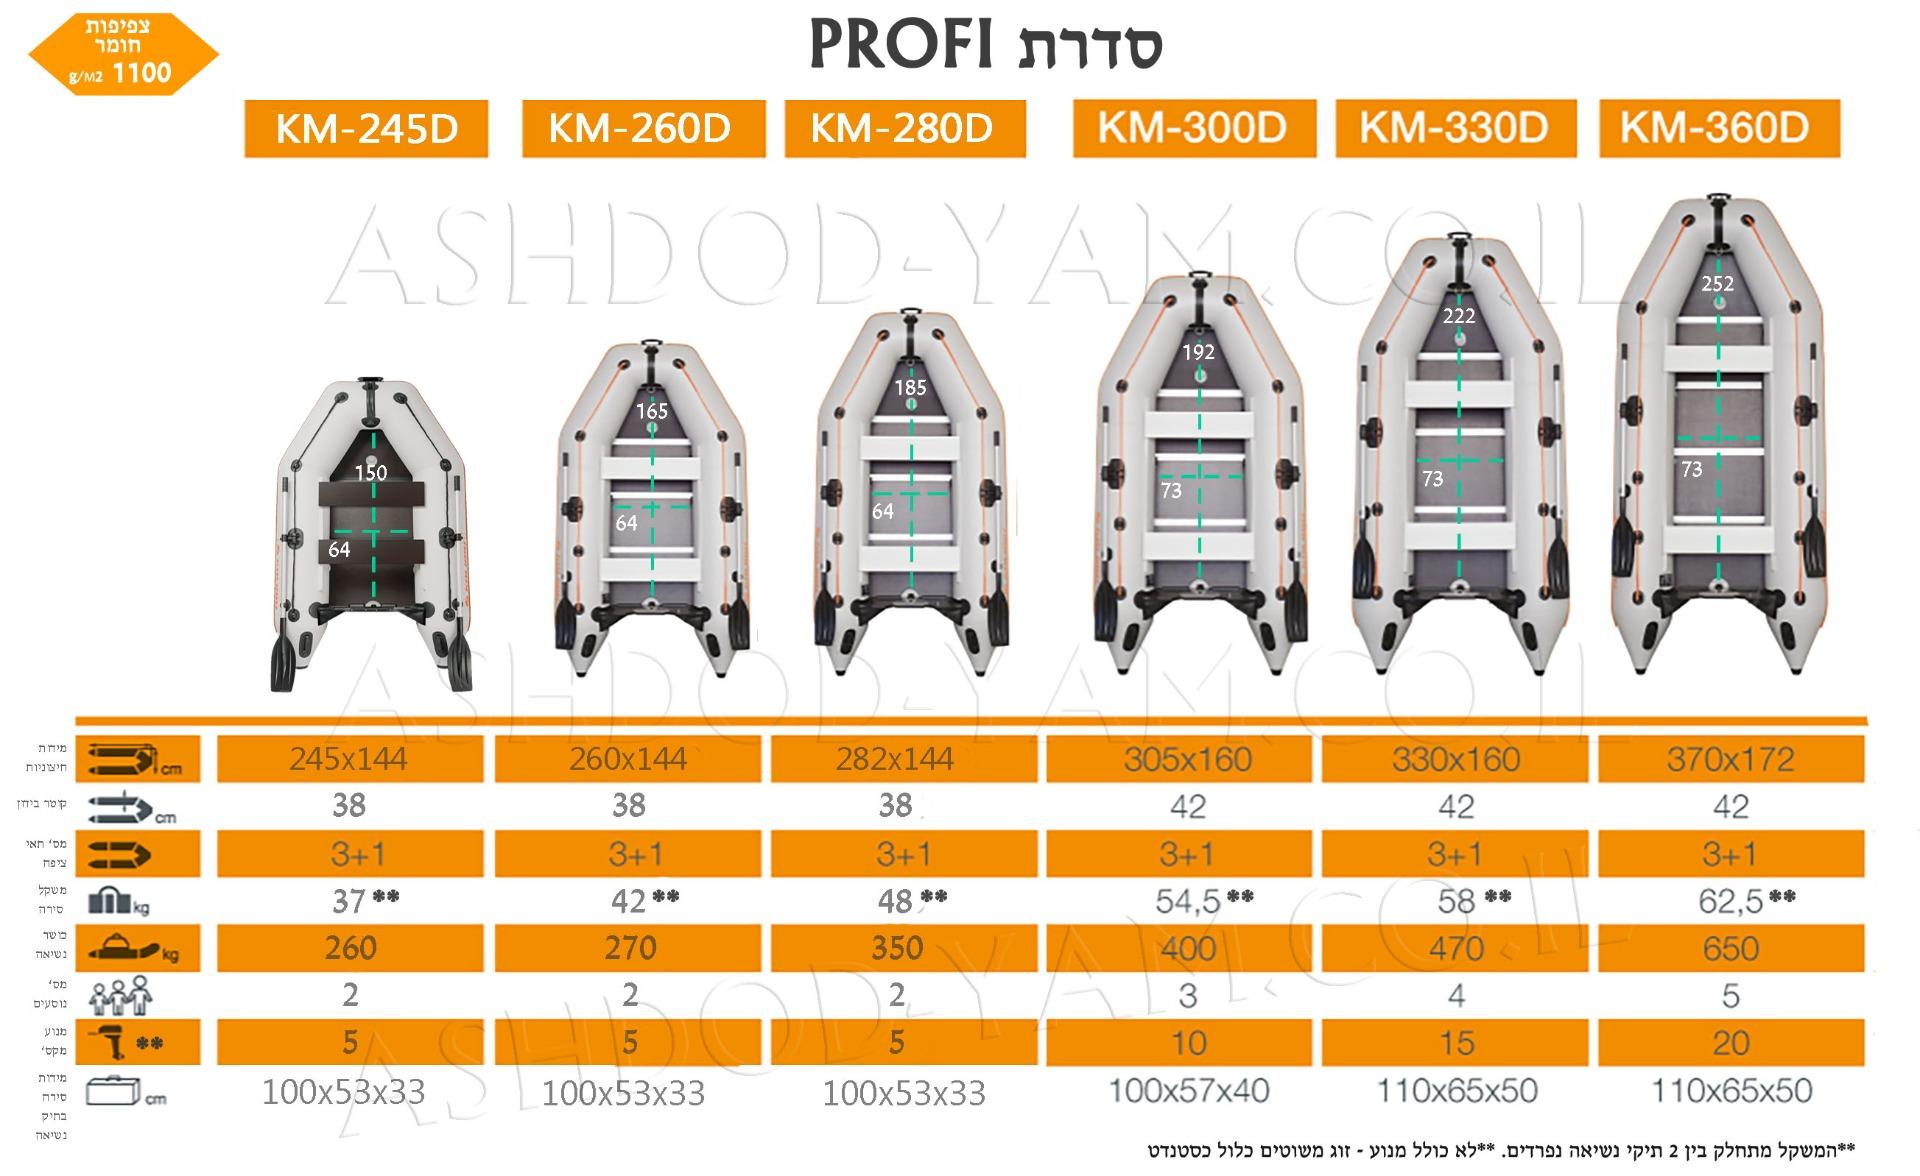 השוואת דגמי סירות קוליברי מסדרת PROFI